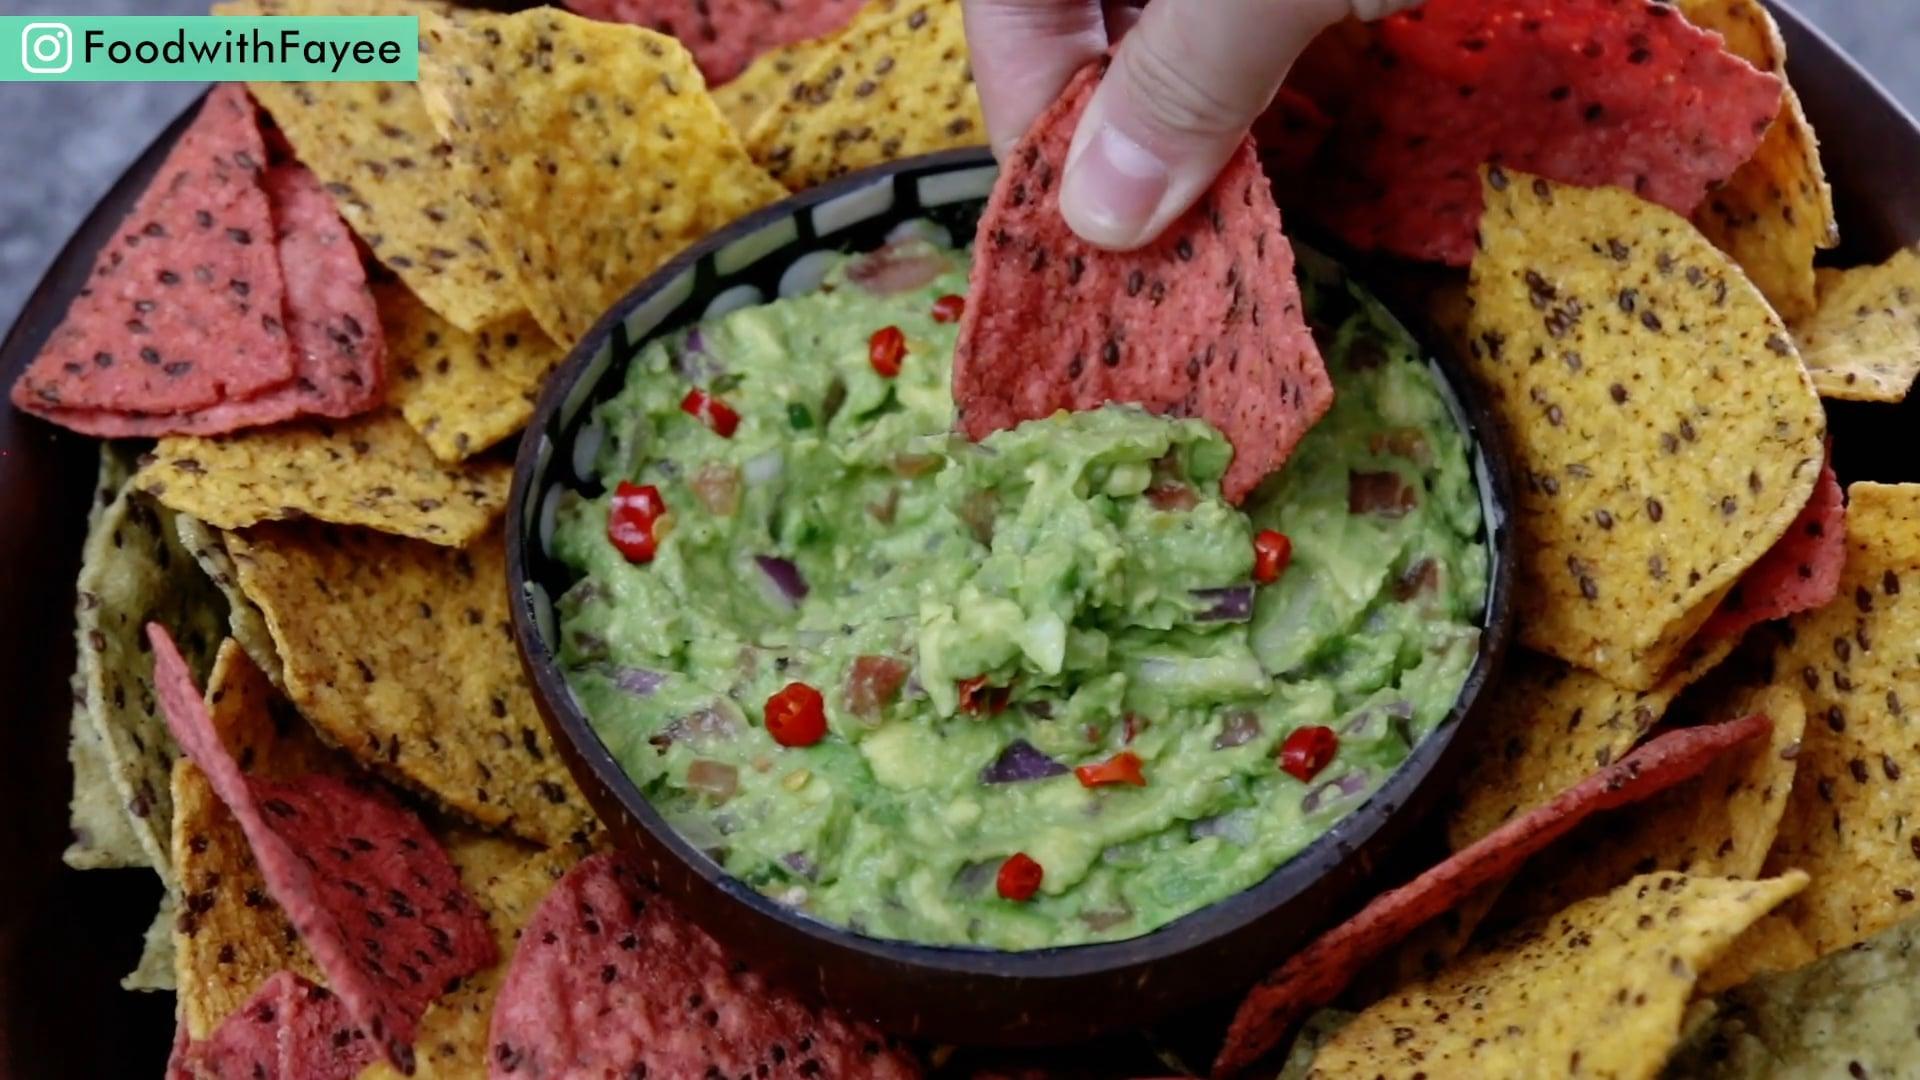 FoodwithFayee: Guacamole